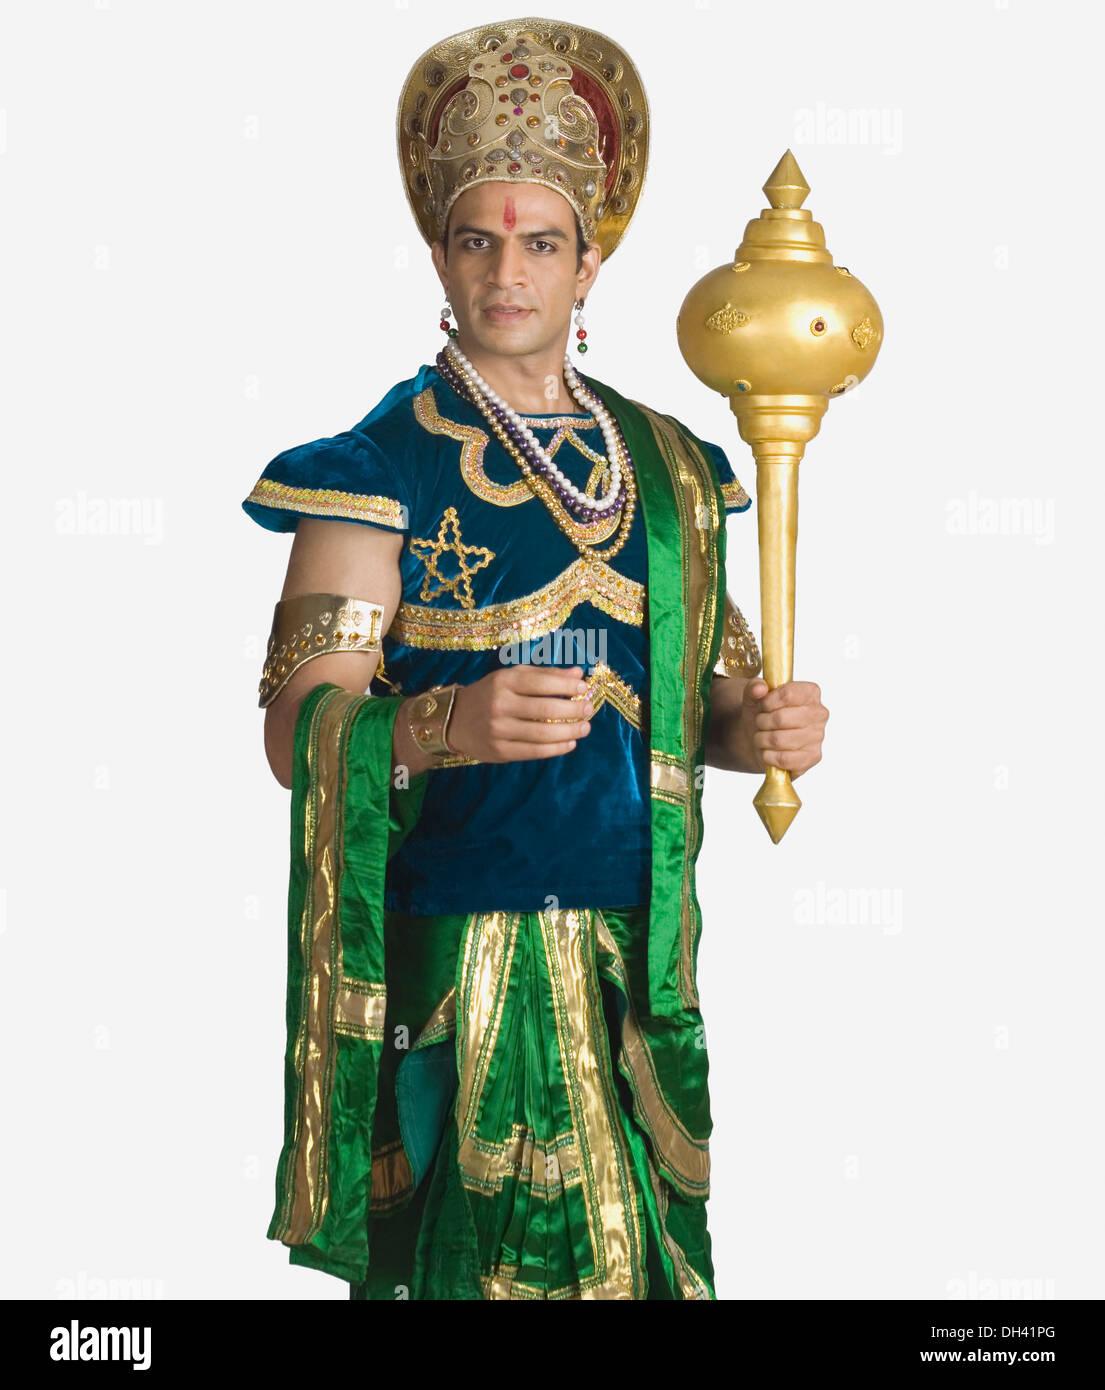 Joven vestida como Bhima y sosteniendo una maza Foto de stock